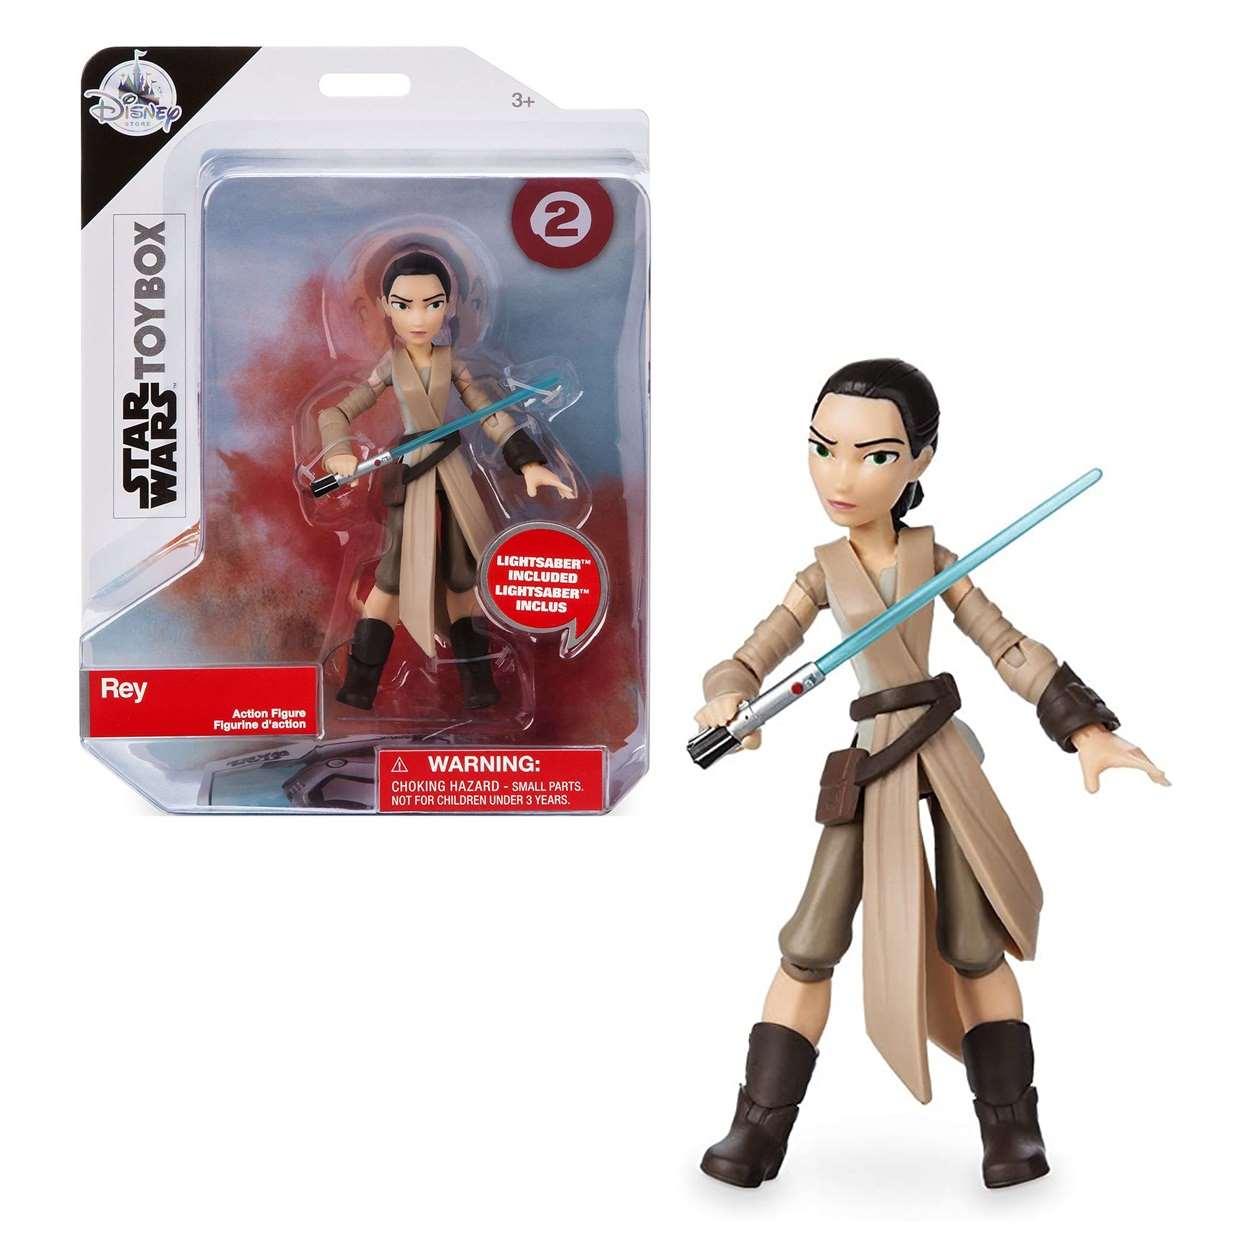 Rey #2 Figura Star Wars The Force Awakens Disney Toybox